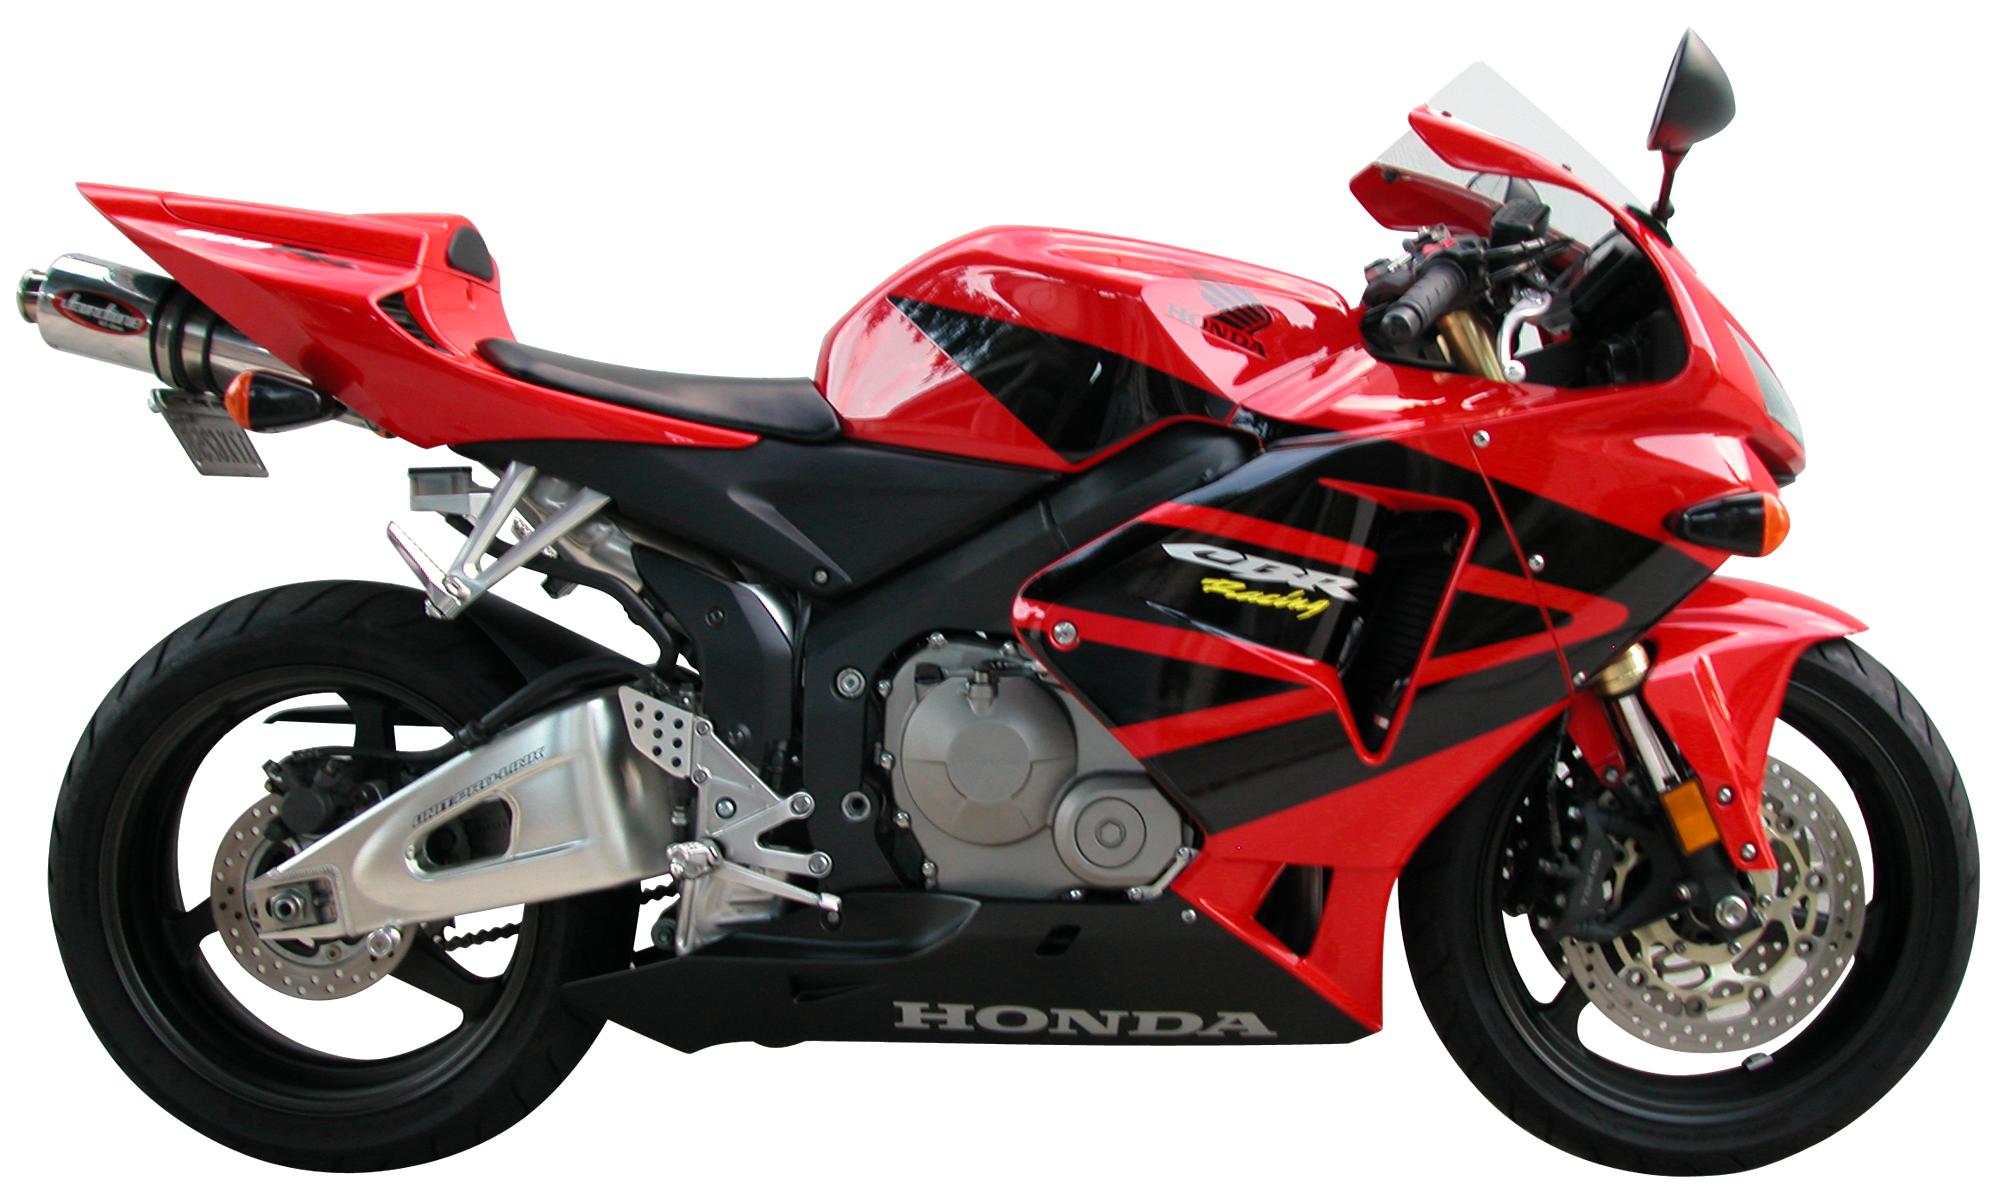 Image Result For Wallpaper Pics Of Ferrari Bikes